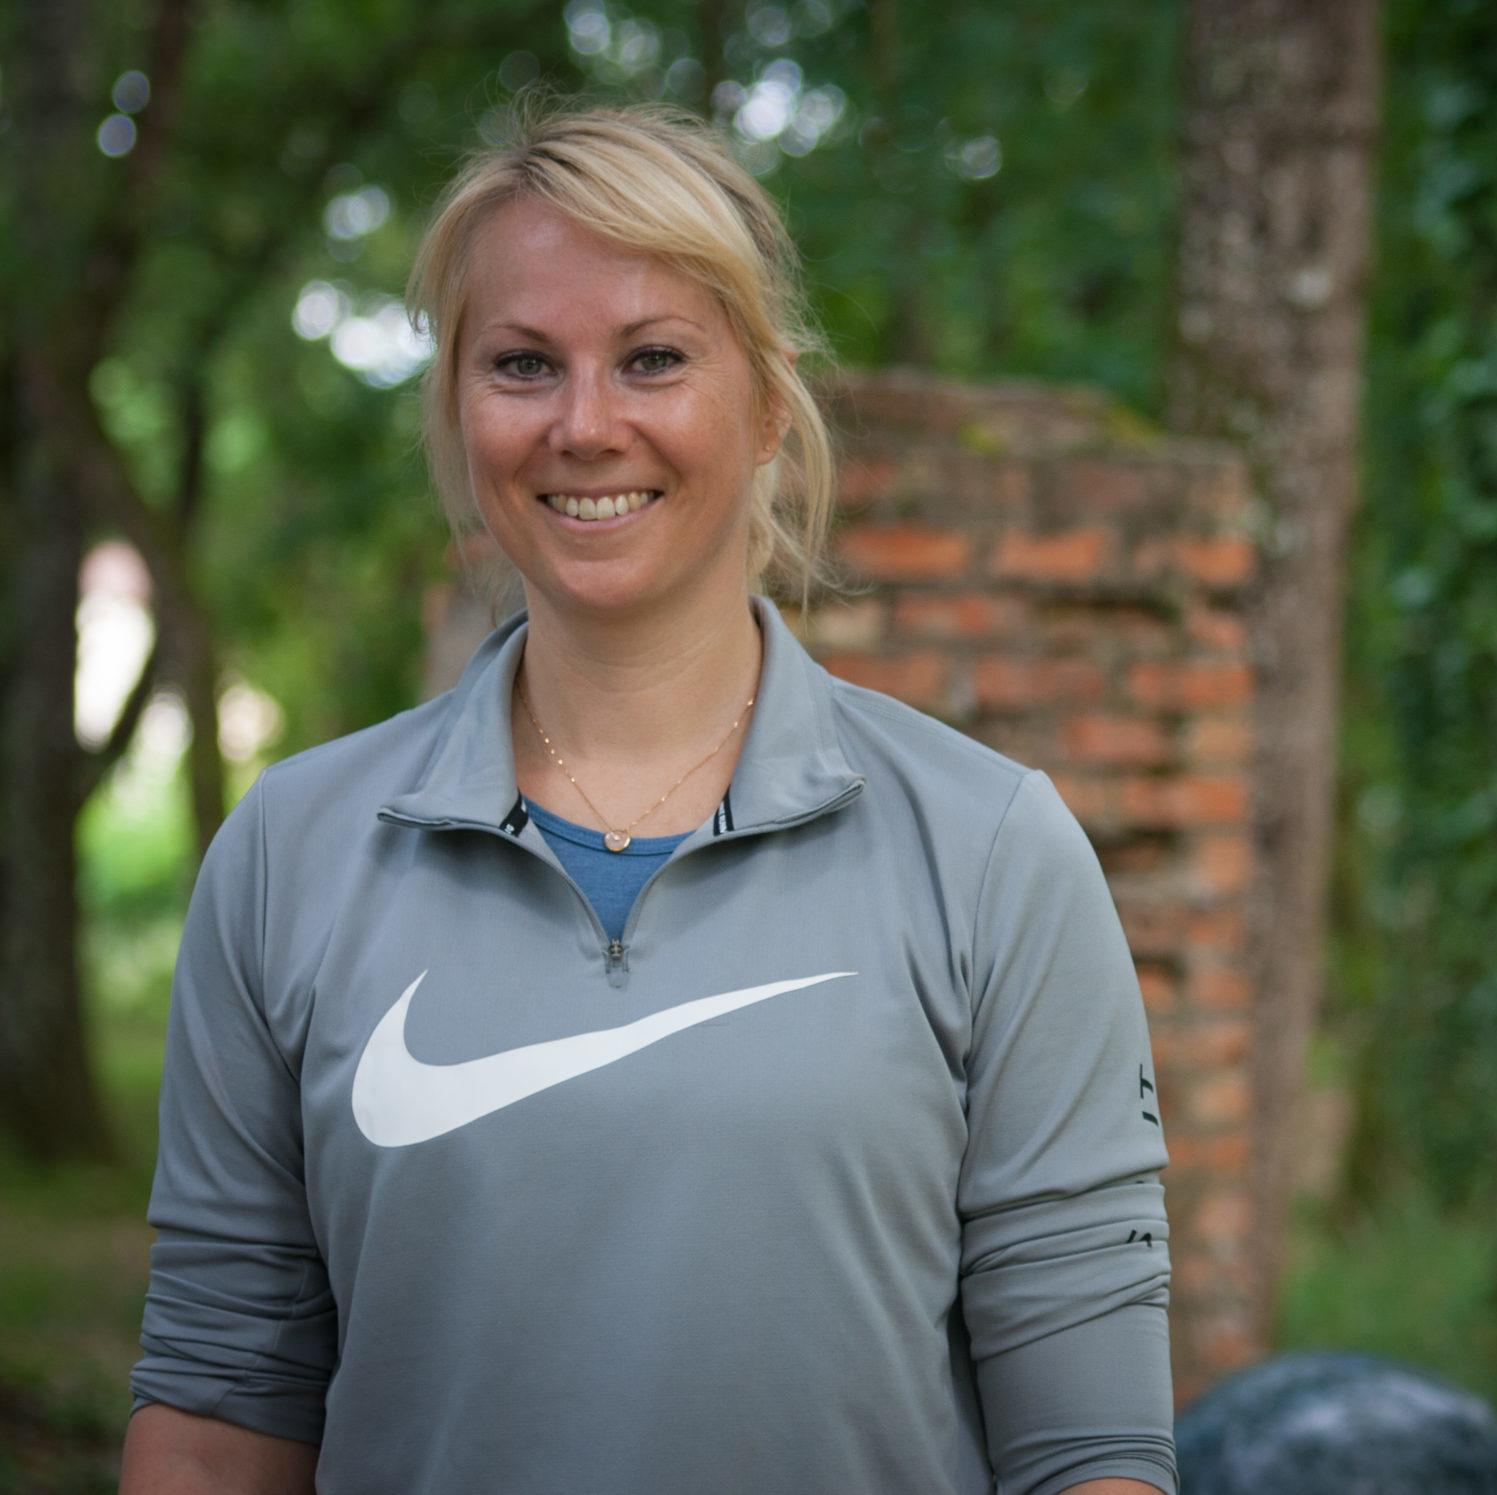 Photo d'Elodie Schmidt-Rey, coach sportif à Bordeaux et alentours, cours à domicile et en extérieur